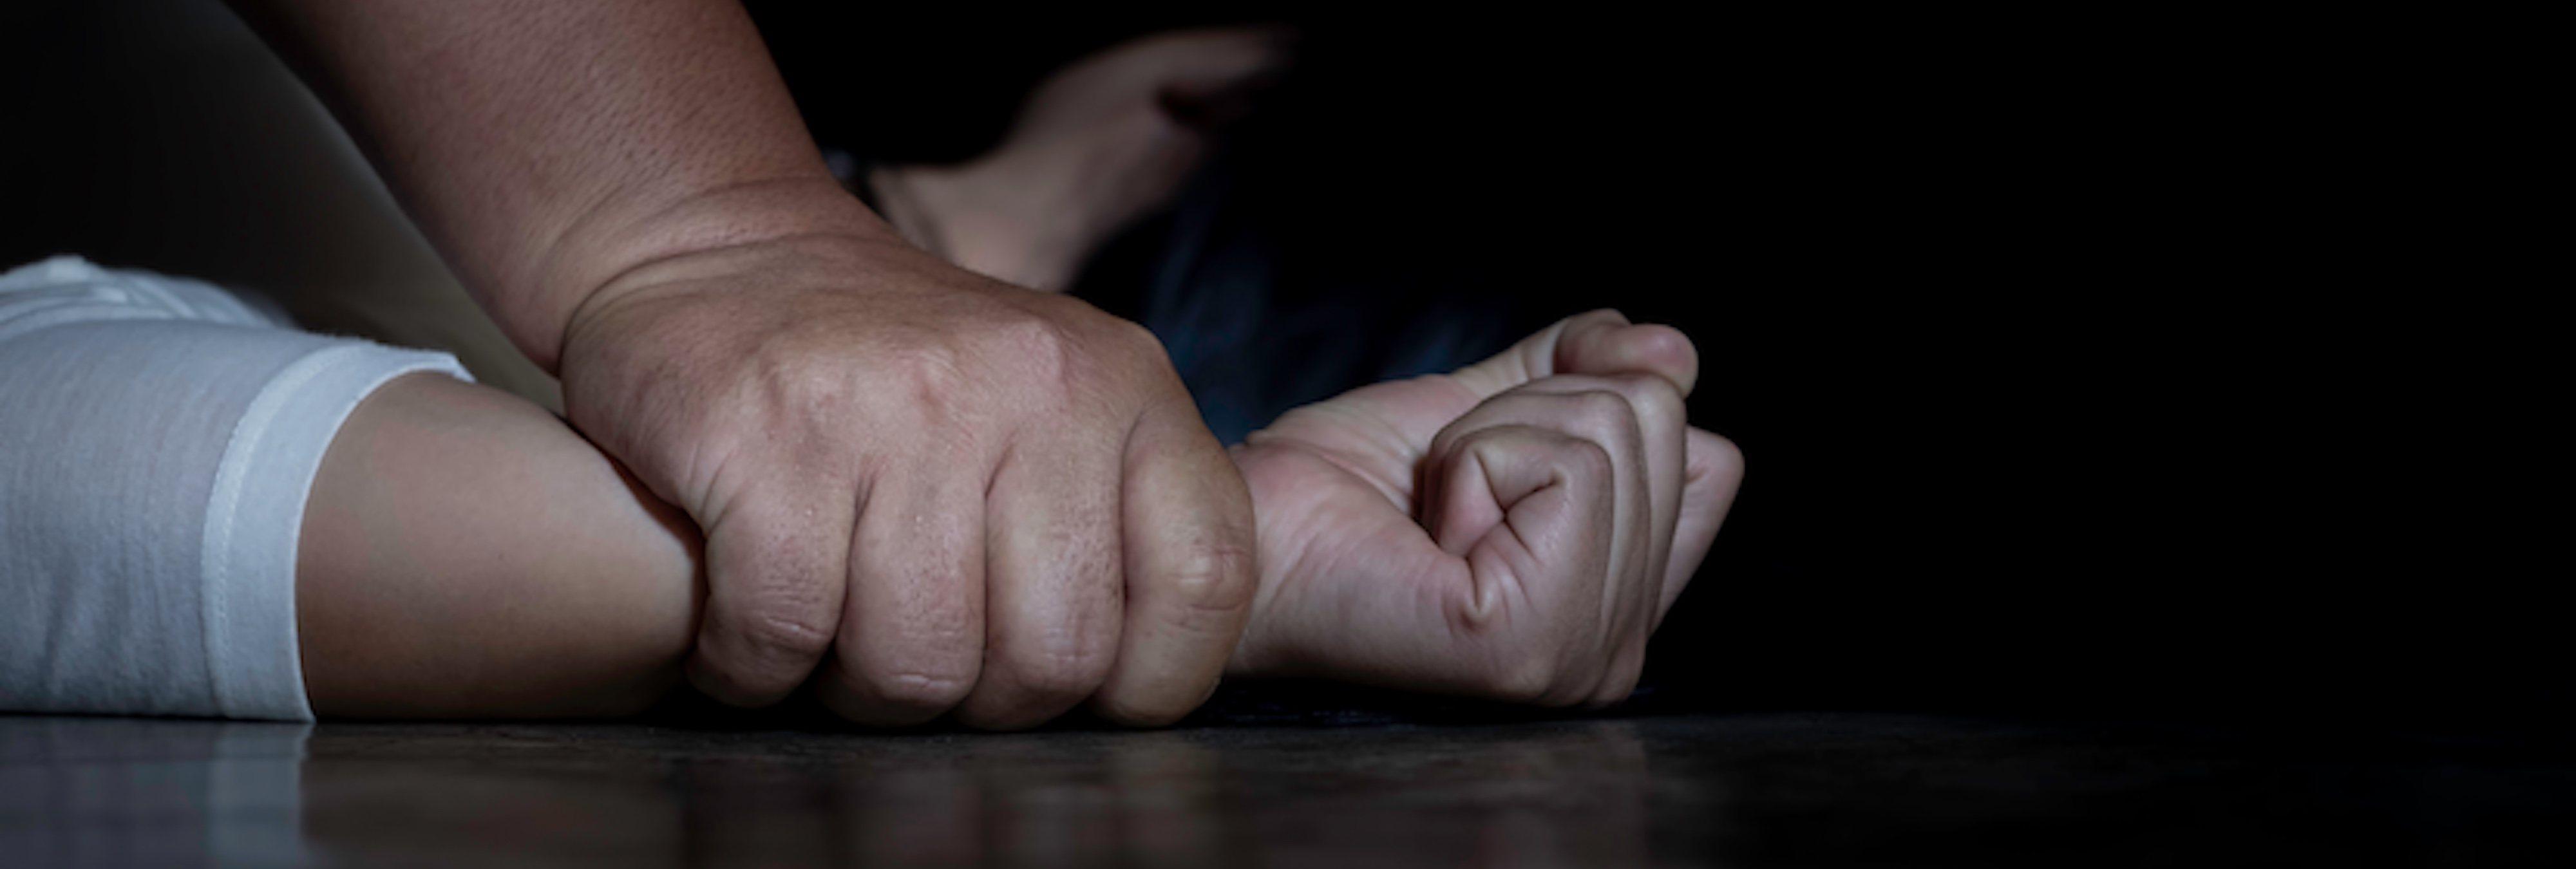 Una madre descubre a su hijo de 13 años violando a su hermana pequeña